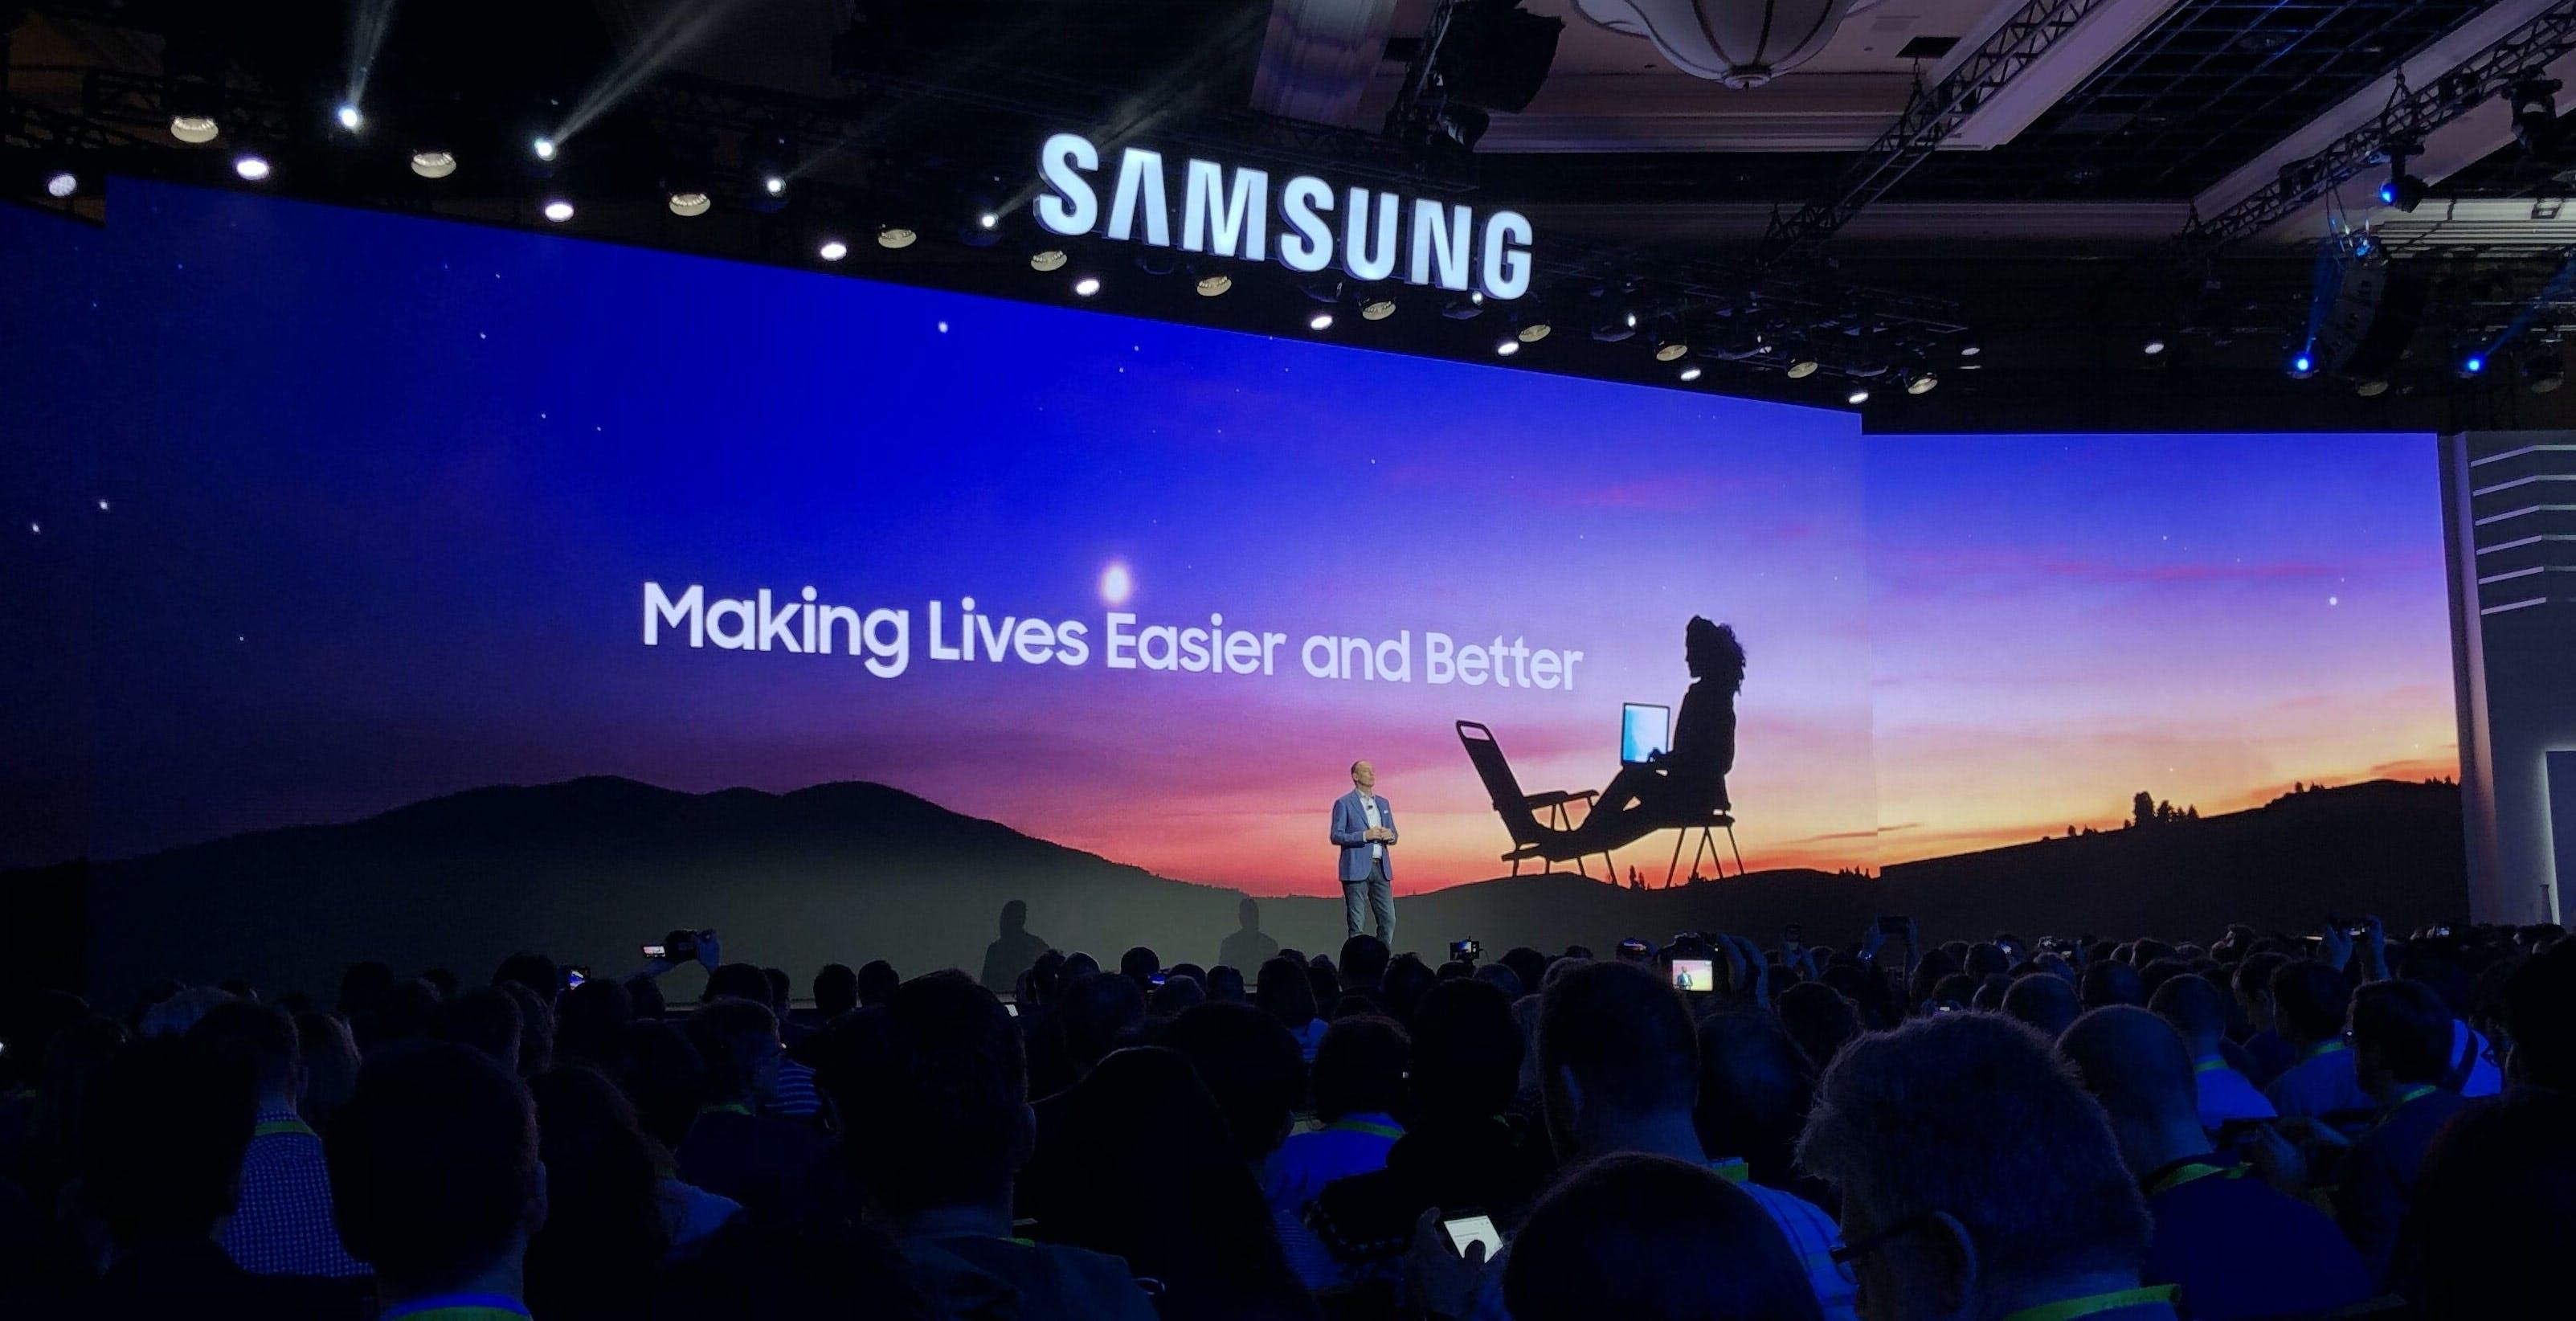 Samsung produrrà TV OLED con i pannelli di LG. In Corea sono sicuri: accordo vicino